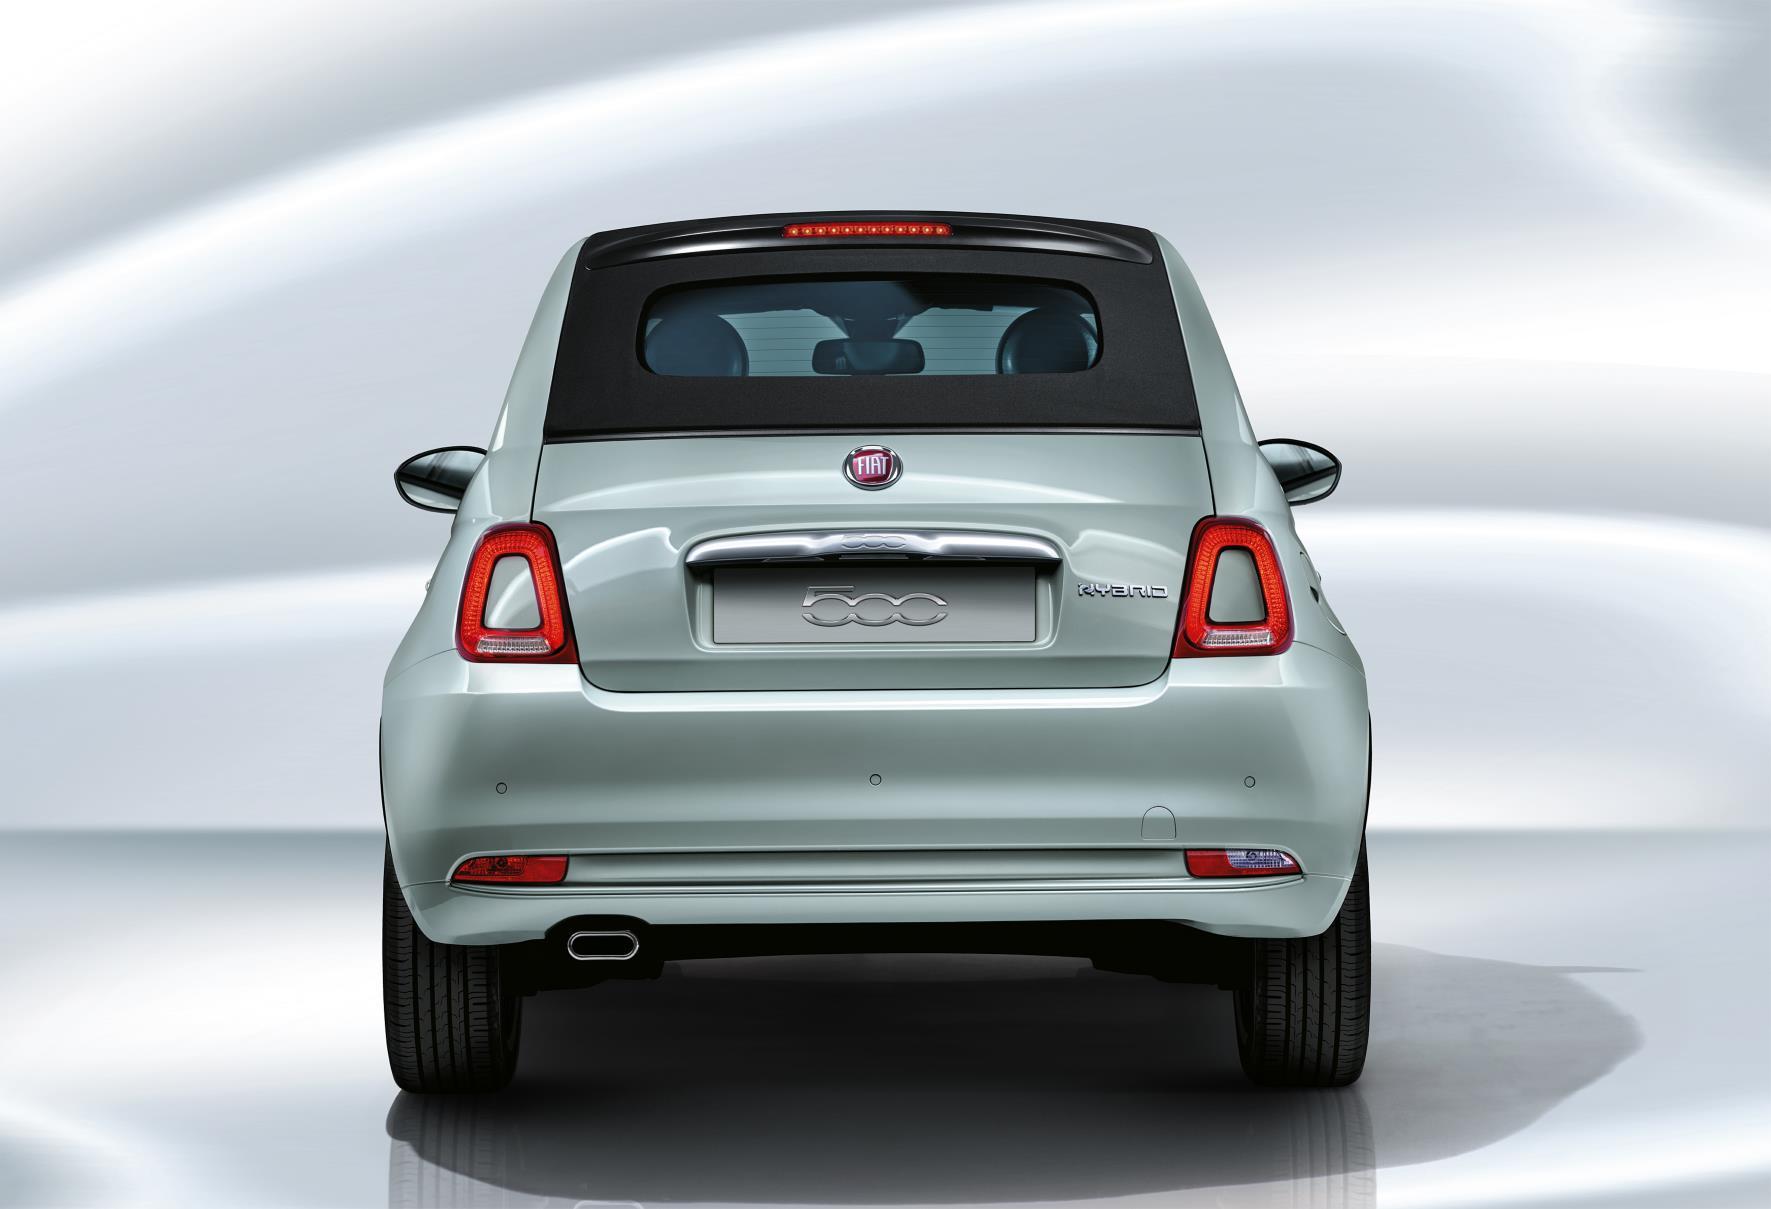 Fiat 500 exterior